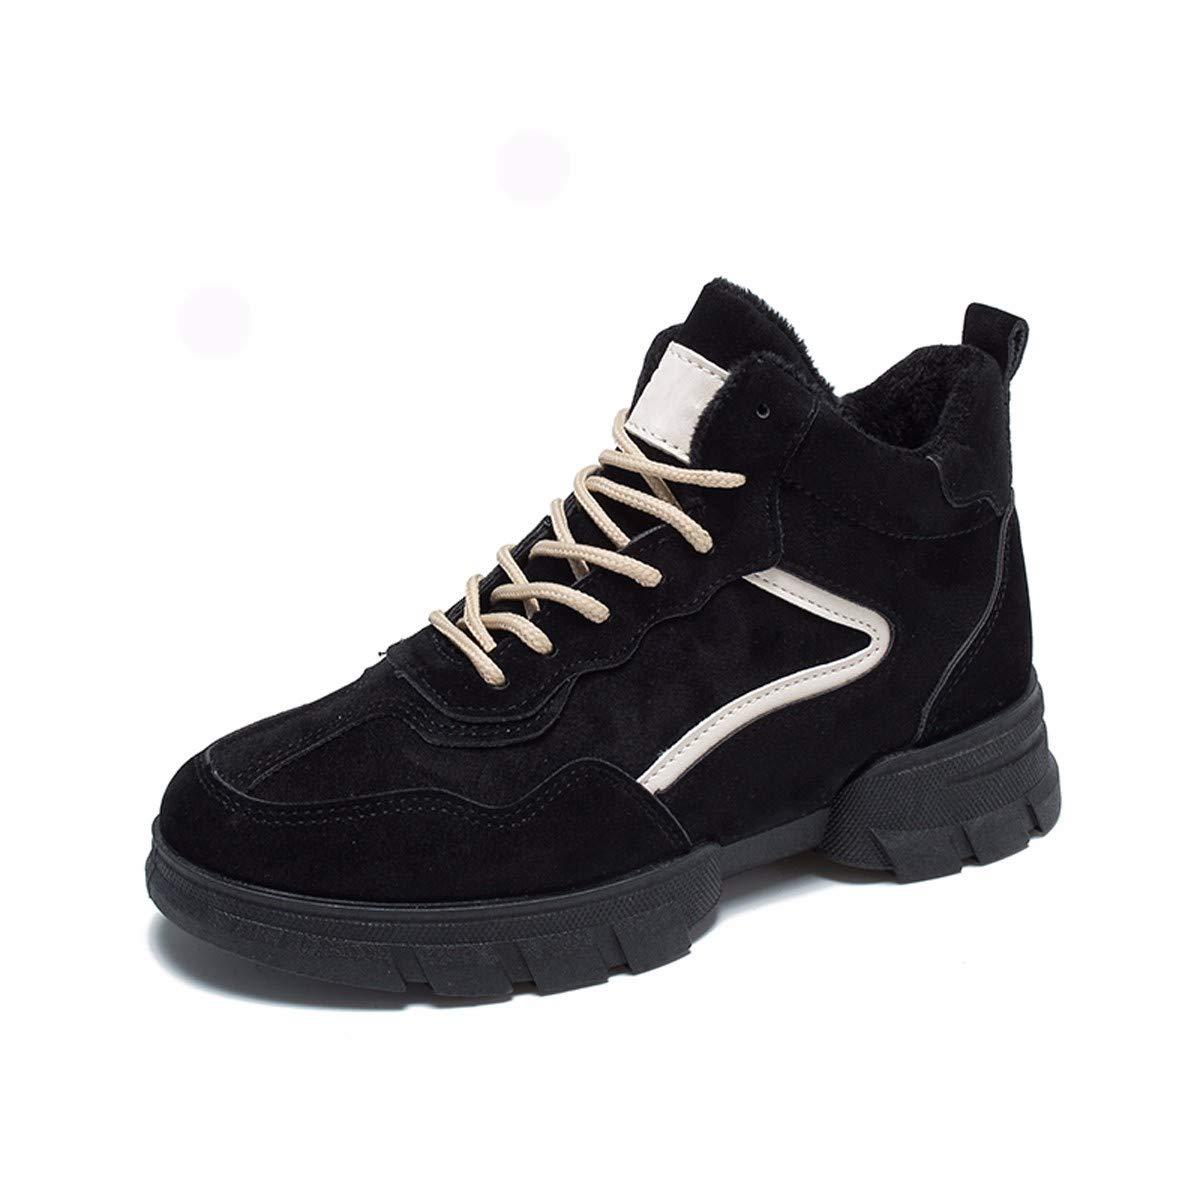 KPHY Damenschuhe Im Winter Kalte Füße Haut Lace Up Alte Schuhe Erholung Freizeit Und Baumwolle Warm Und Wilden Sportschuhe